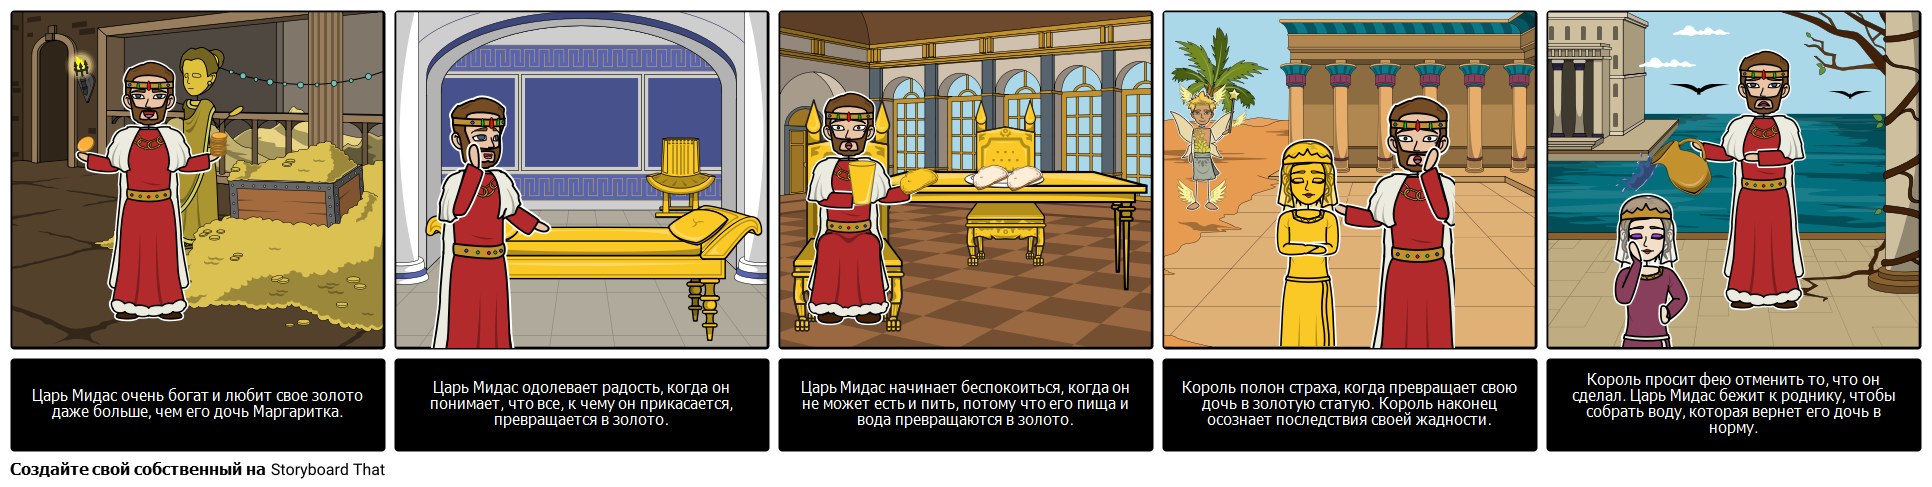 """Король Мидас """"Золотой Анализ Сенсорный Символов"""